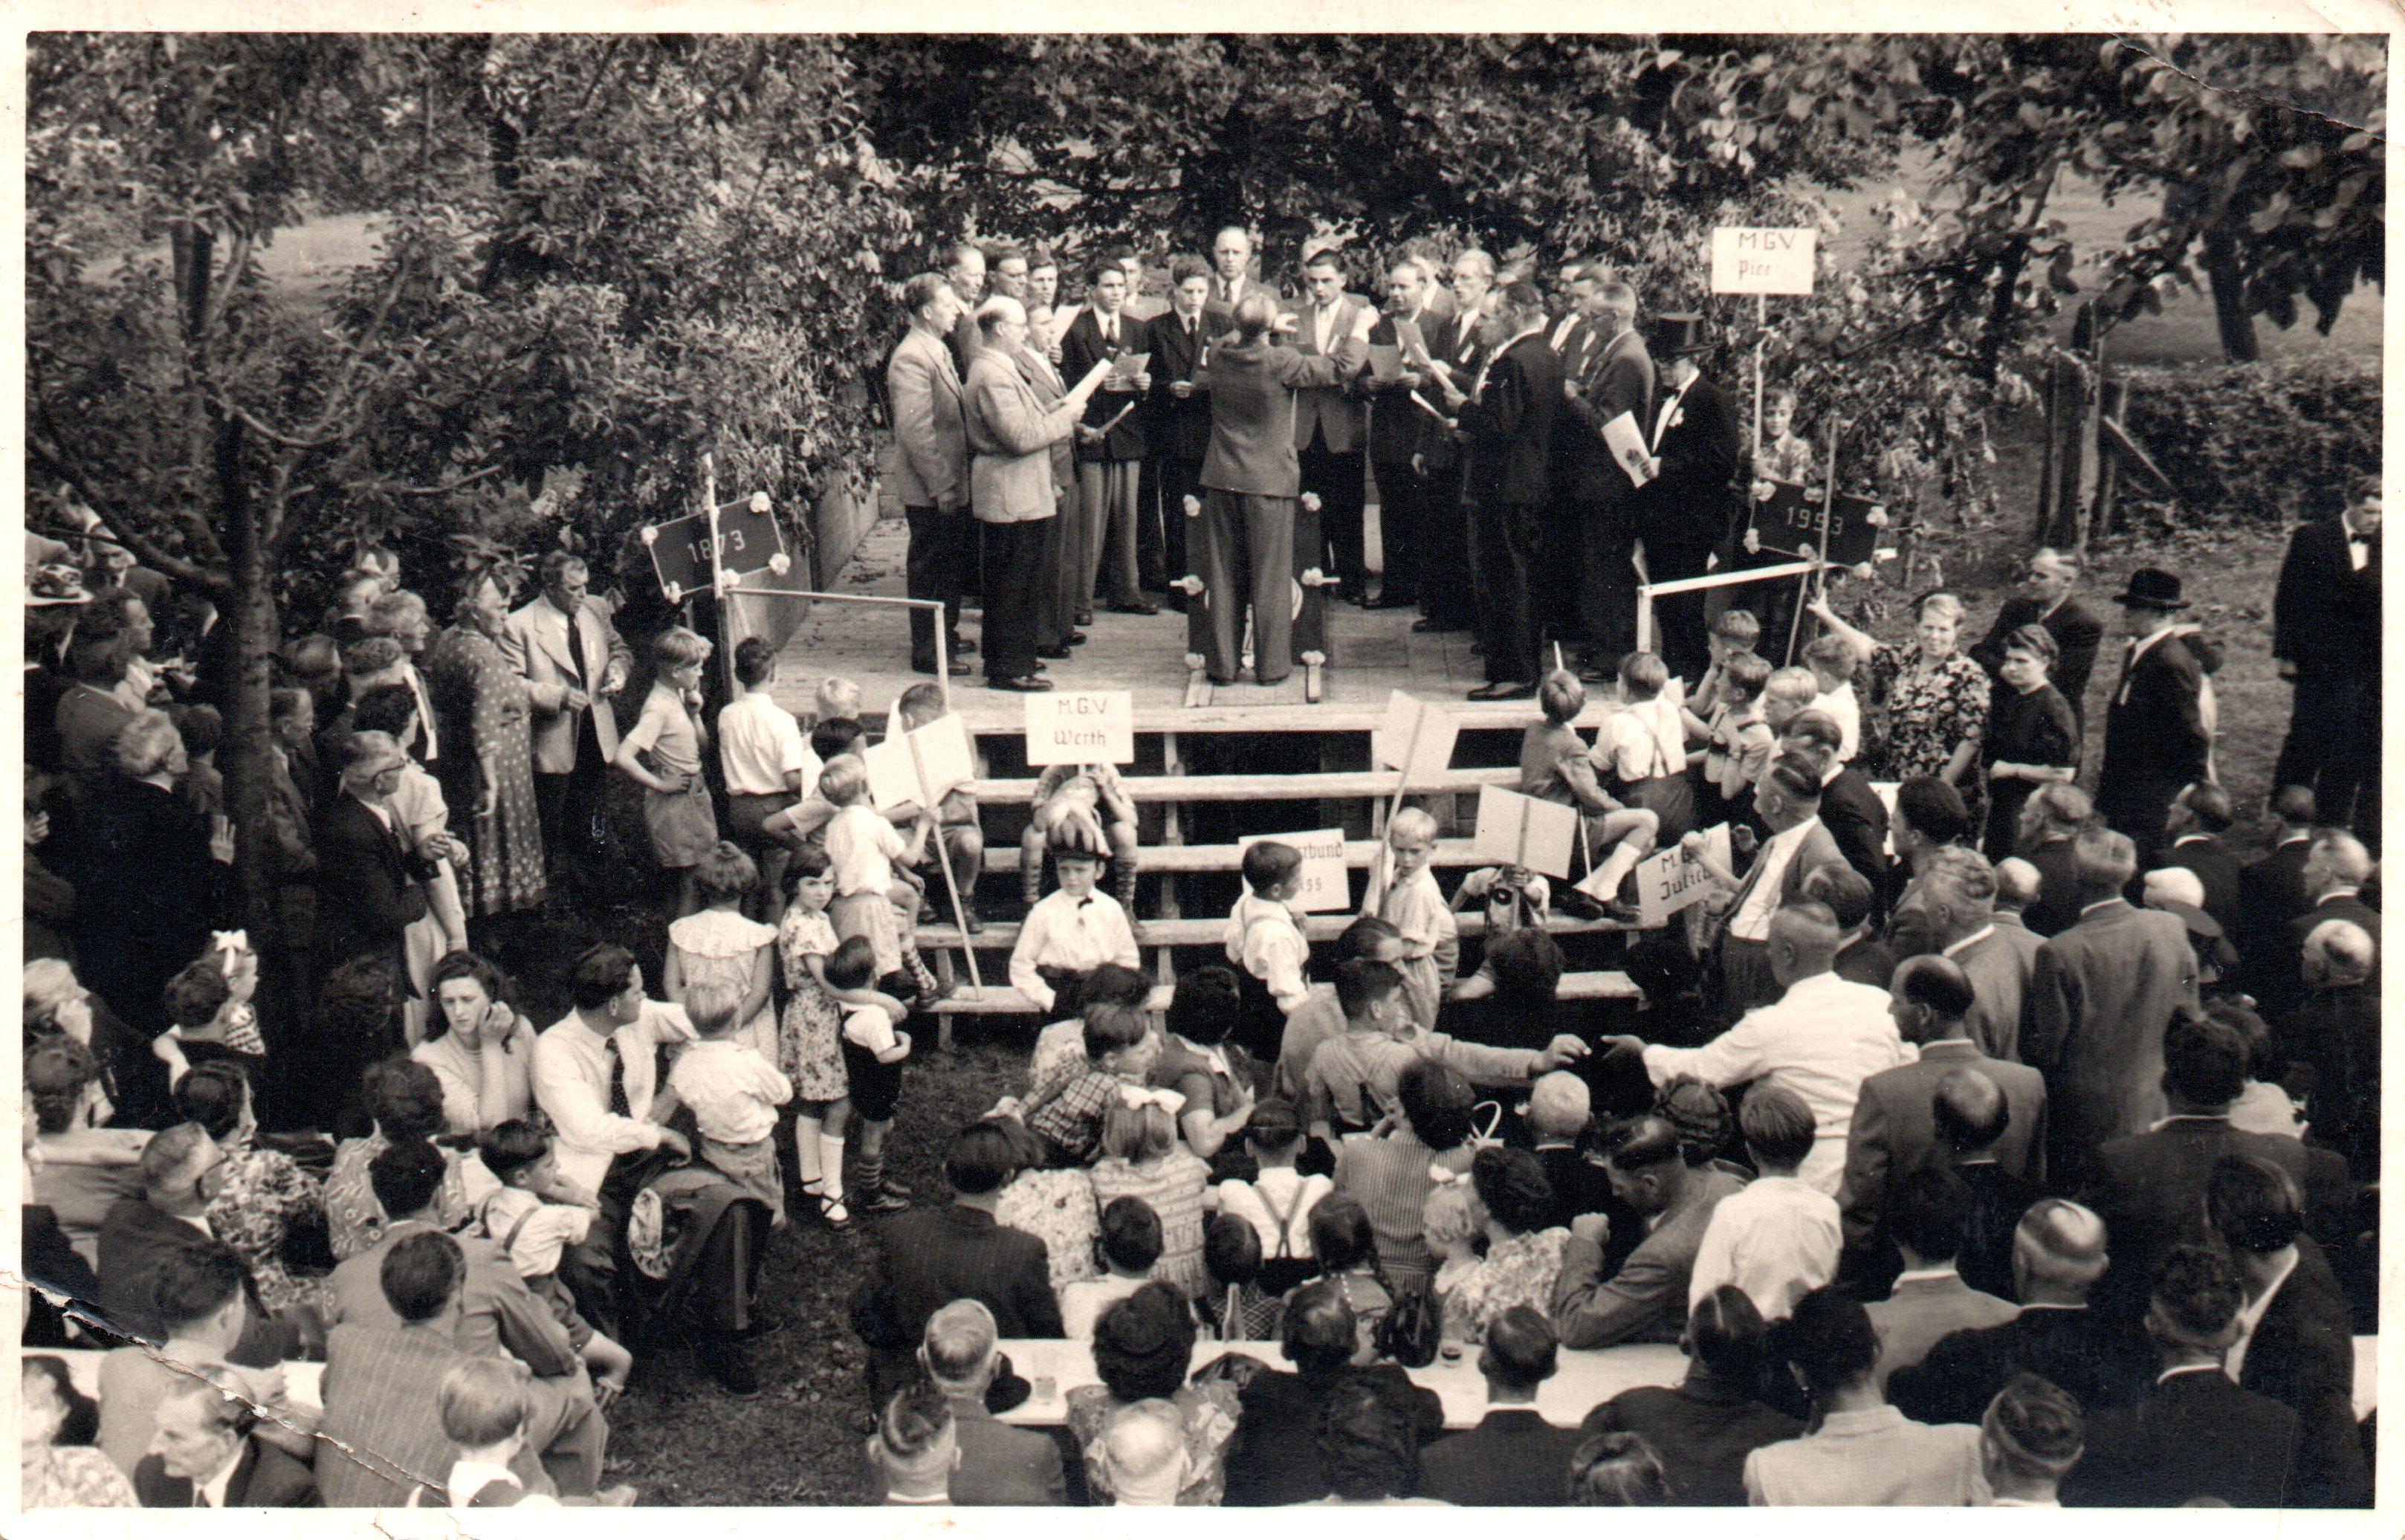 Sängerwettstreit 10.05.1953 in Pier